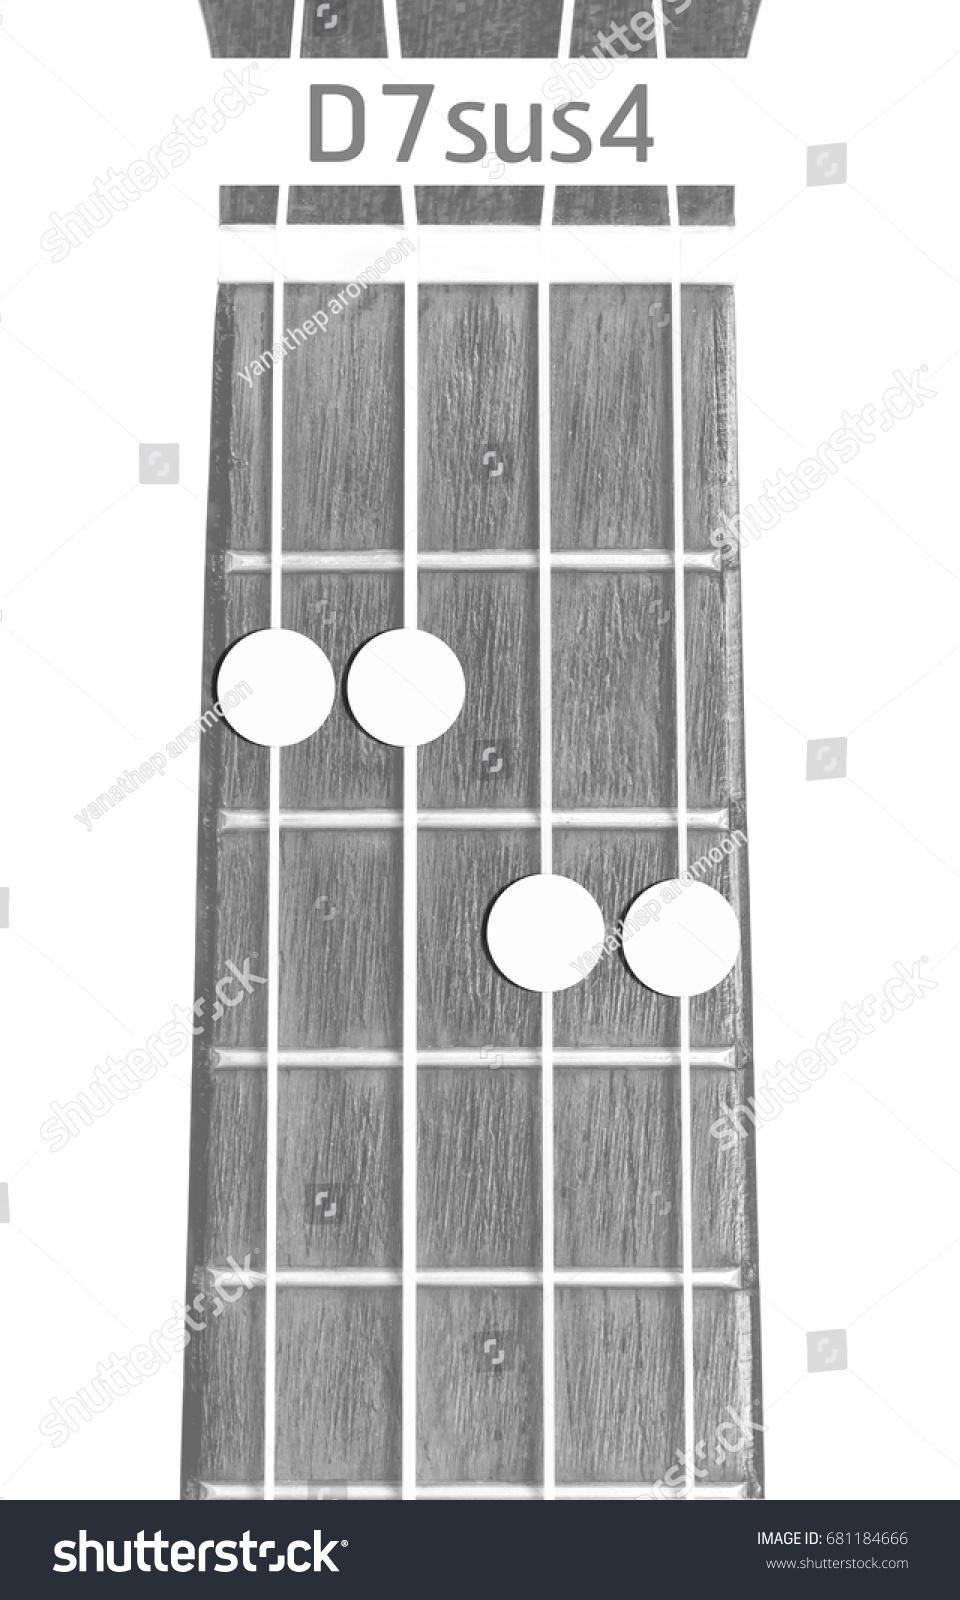 Ukulele Chord D 7 Sus 4 On White Background Stock Photo Edit Now